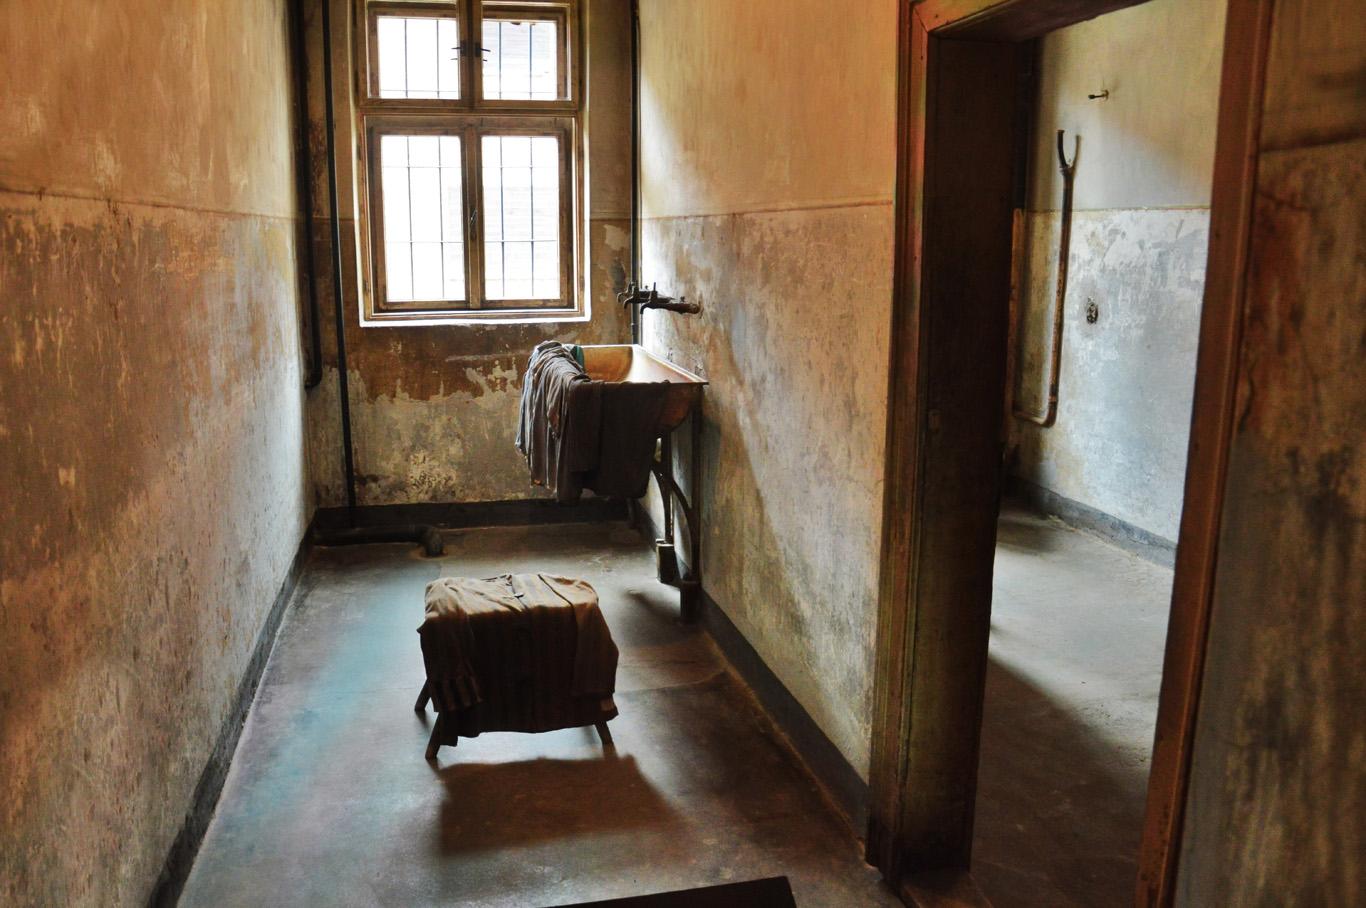 Washrooms in Auschwitz I